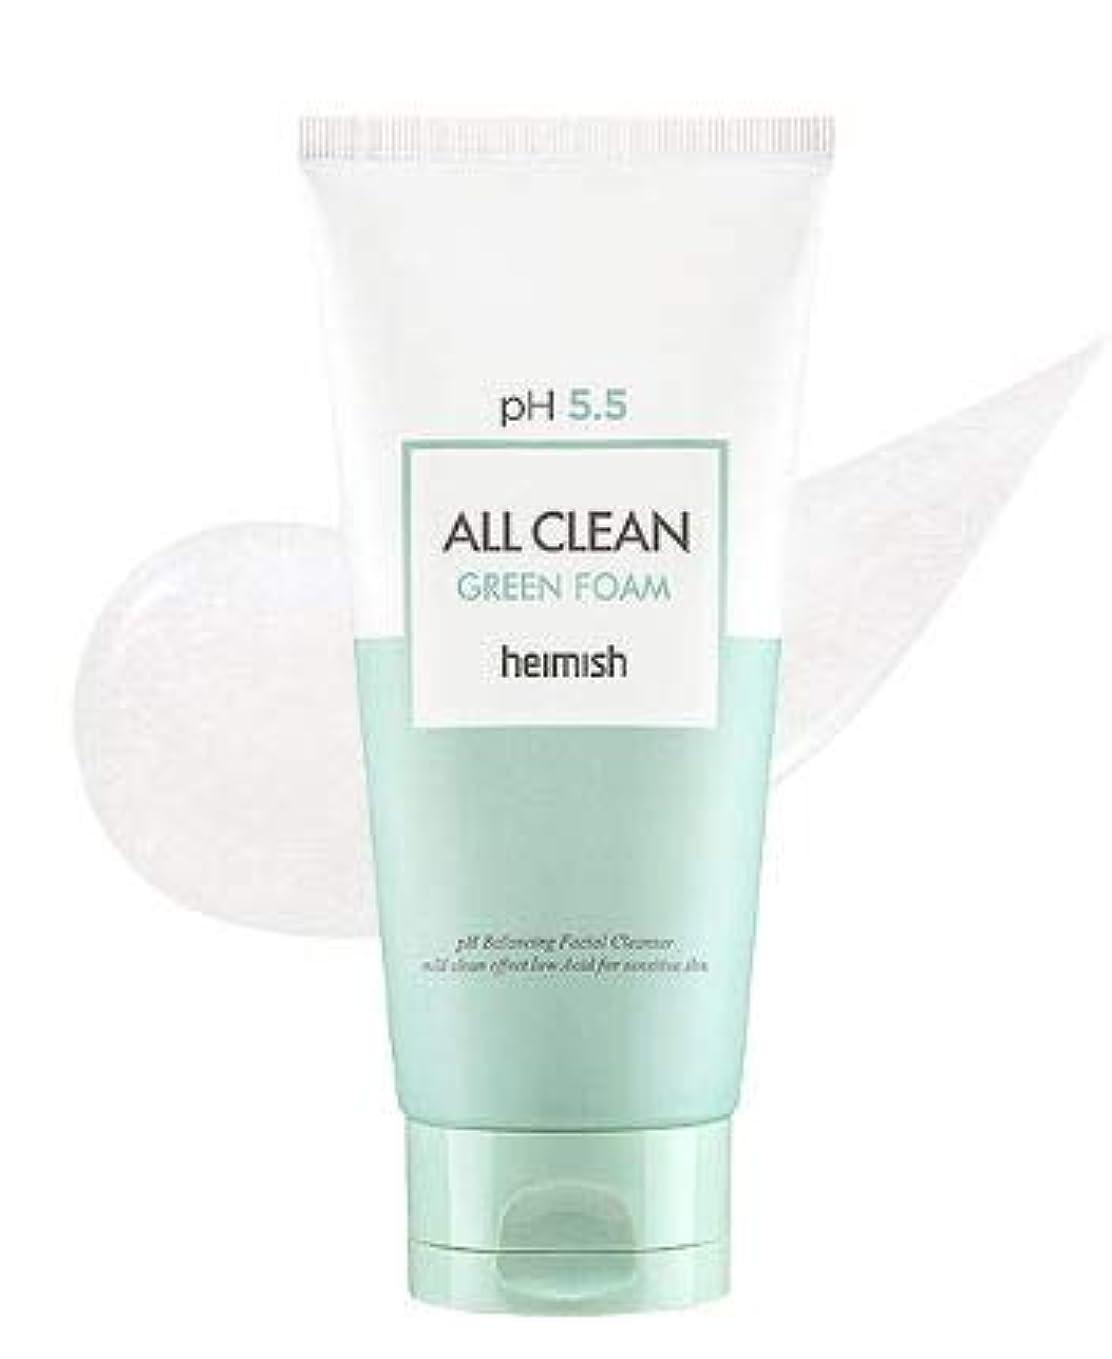 告発基準振る舞う[heimish] All Clean Green Foam 150g / [ヘイミッシュ] オールクリーン グリーン フォーム 150g [並行輸入品]